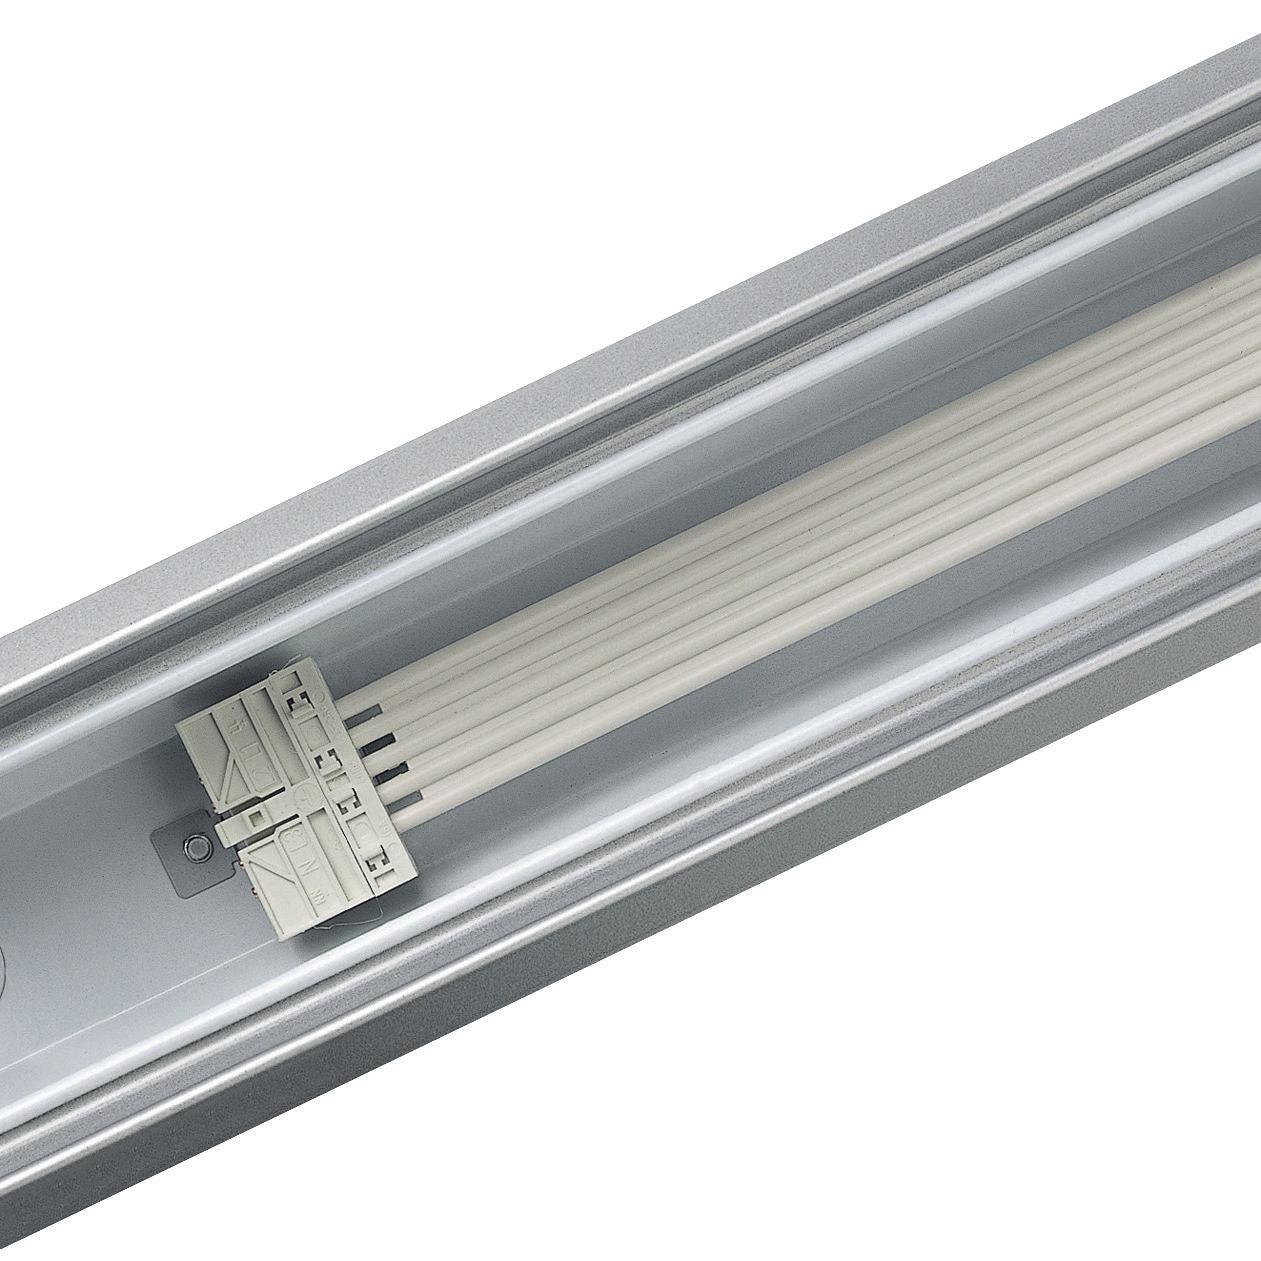 Maxos TL D 4MX056 581 5x2,5 SI (5 cables; L: 1.530 mm)